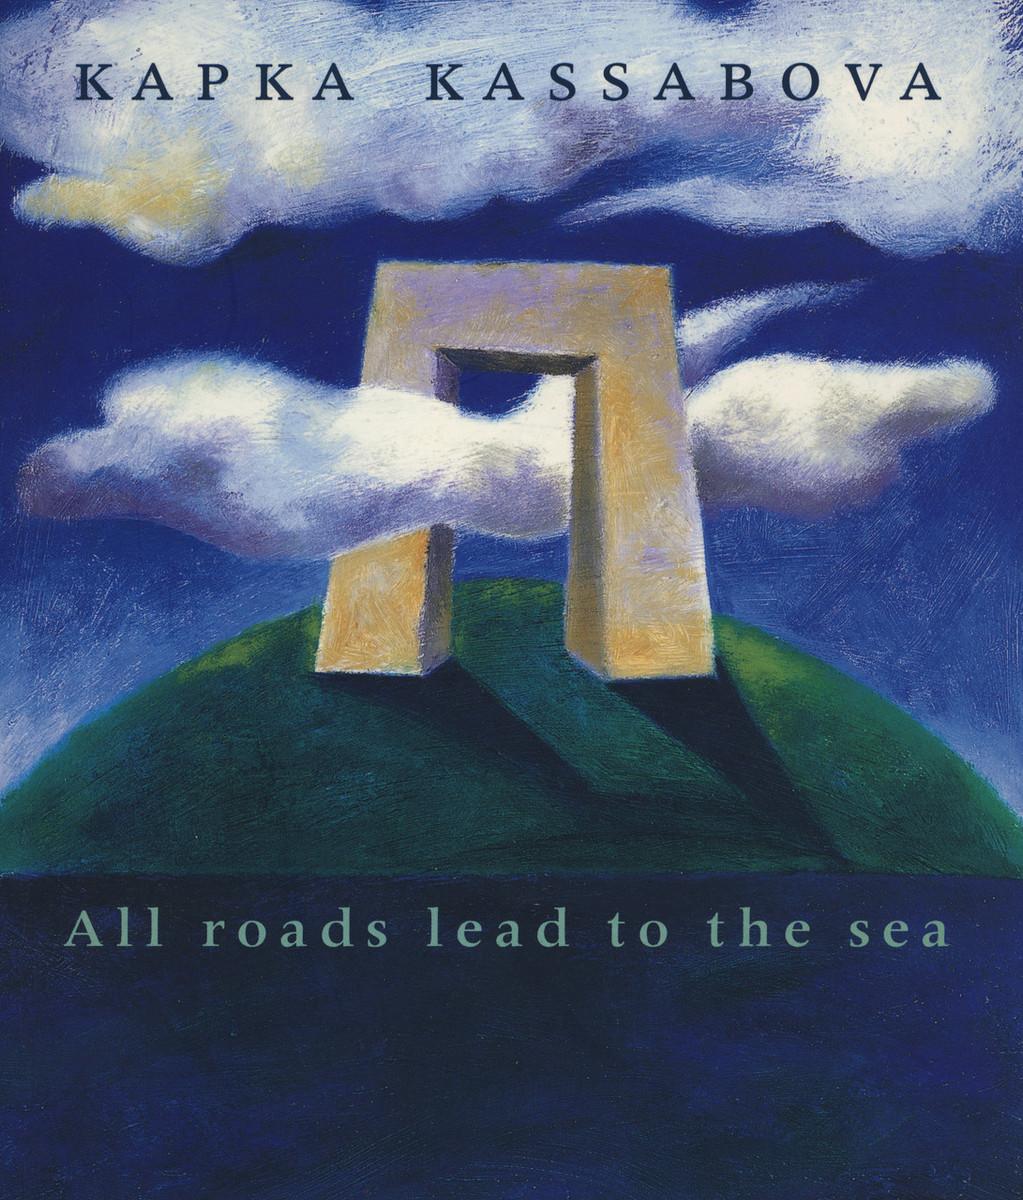 All Roads Lead to the Sea by Kapka Kassabova